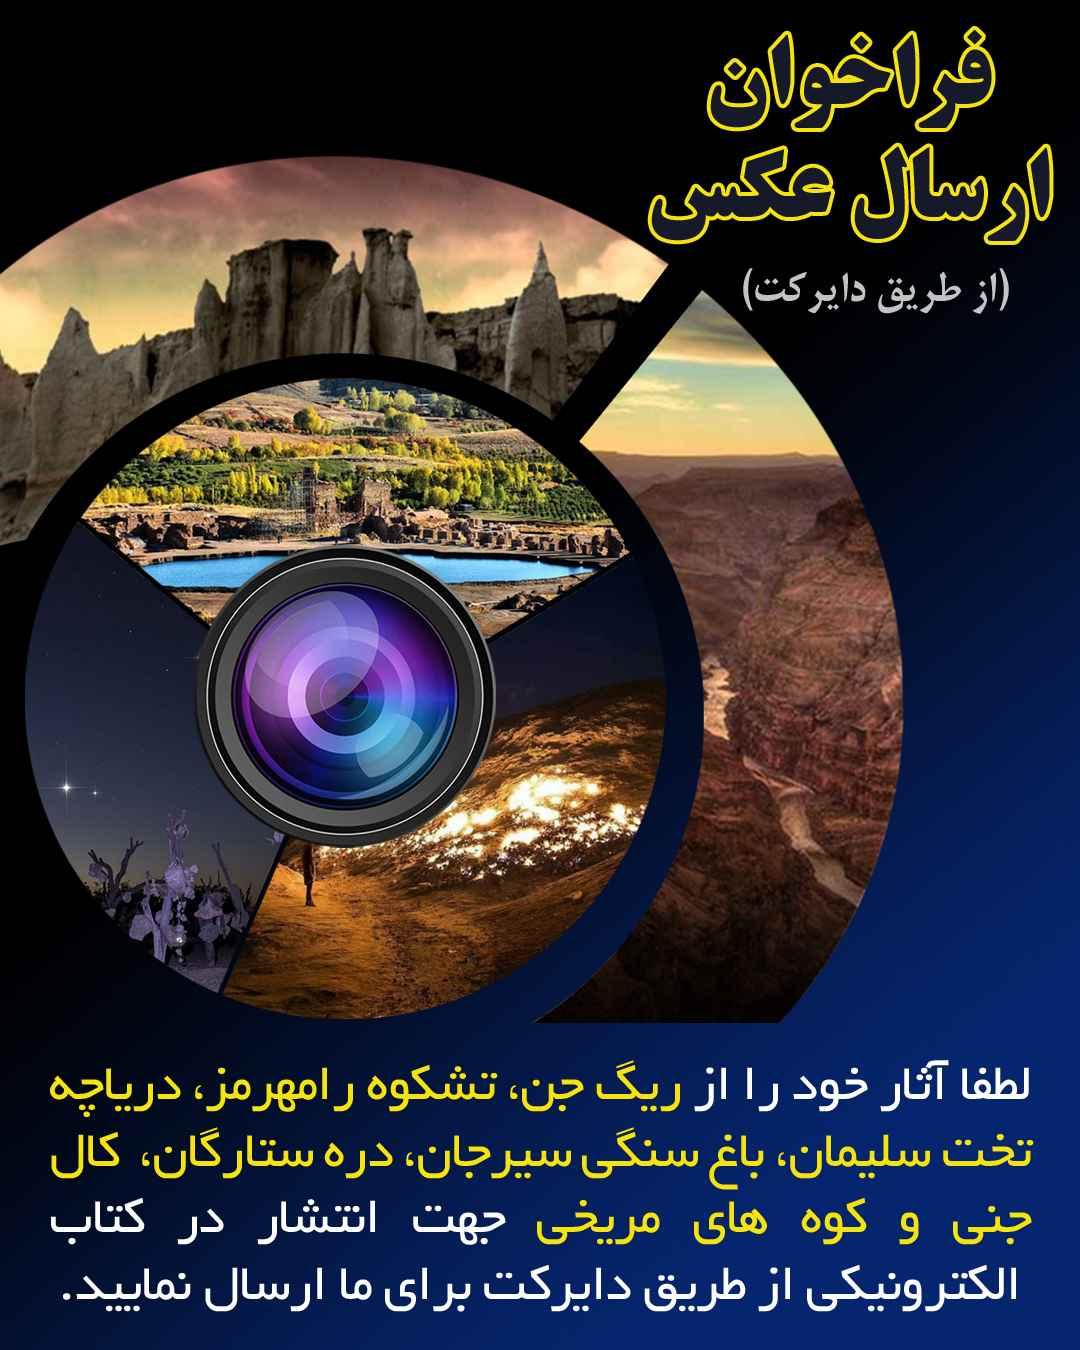 فراخوان ارسال عکس از عجایب ایران